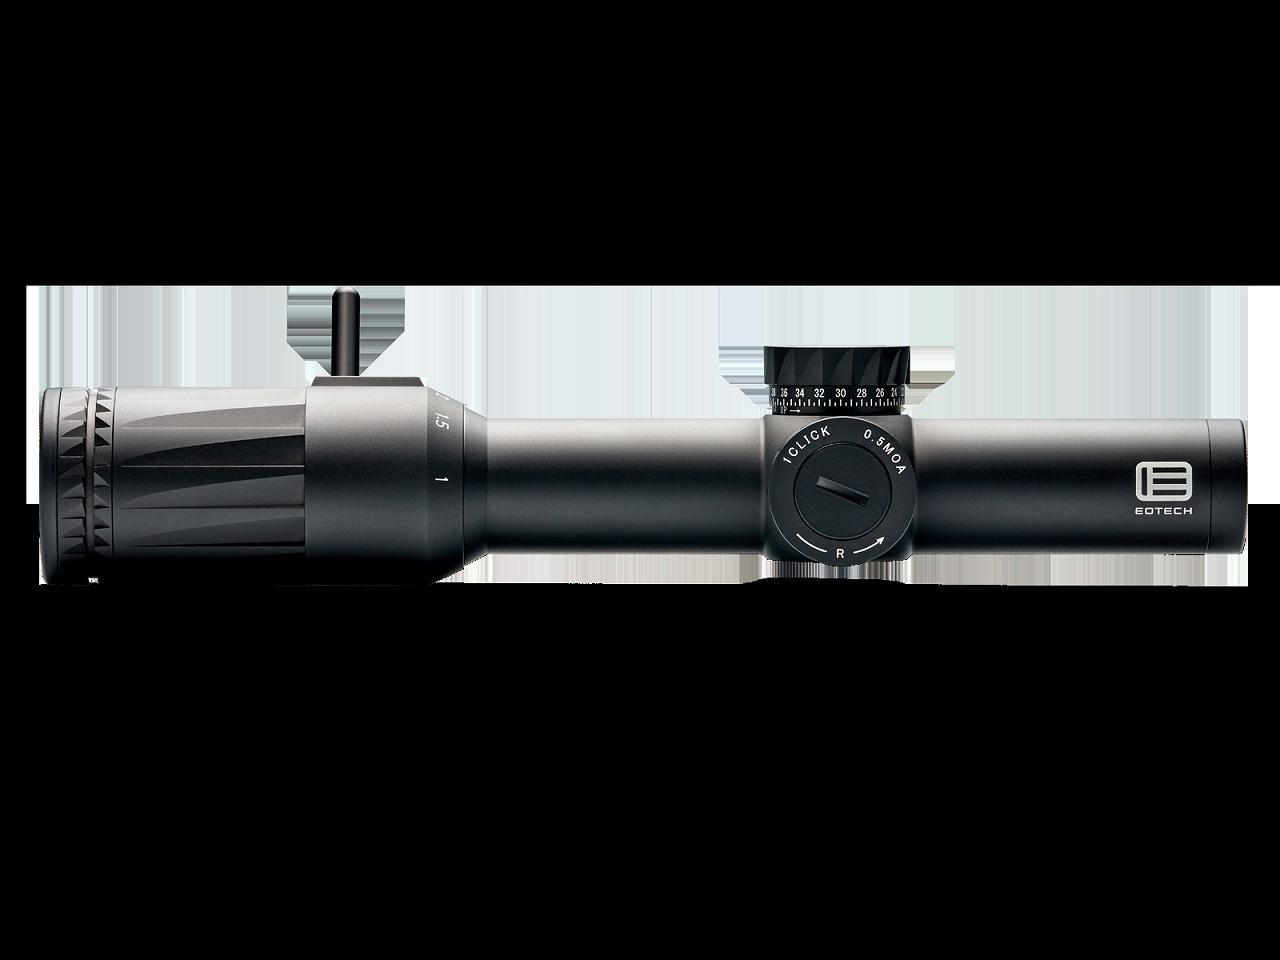 イオテック ライフルスコープ Vudu 1-6x24 FFP SR3 EOTECH Vudu 1-6x24 FFP Riflescope - SR3 Reticle (MOA)